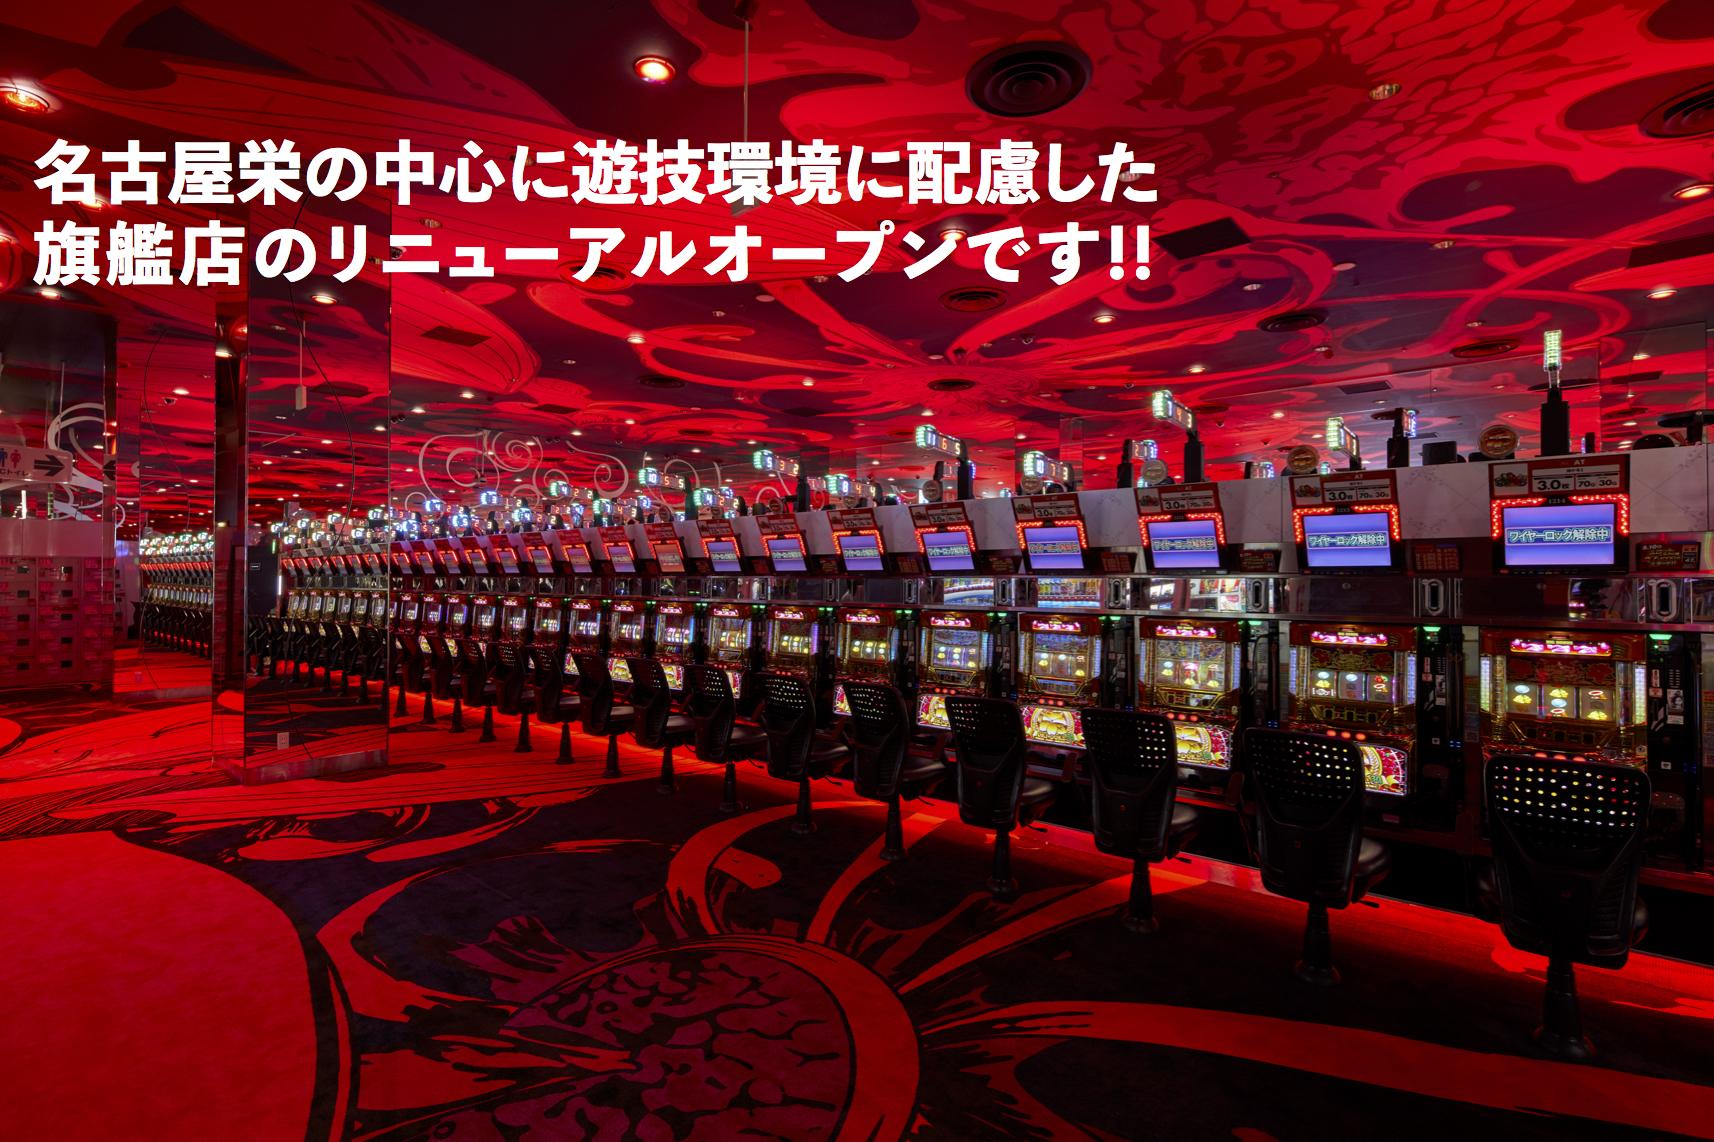 名古屋栄の中心に遊技環境に配慮した、旗艦店のリニューアルオープンです!!